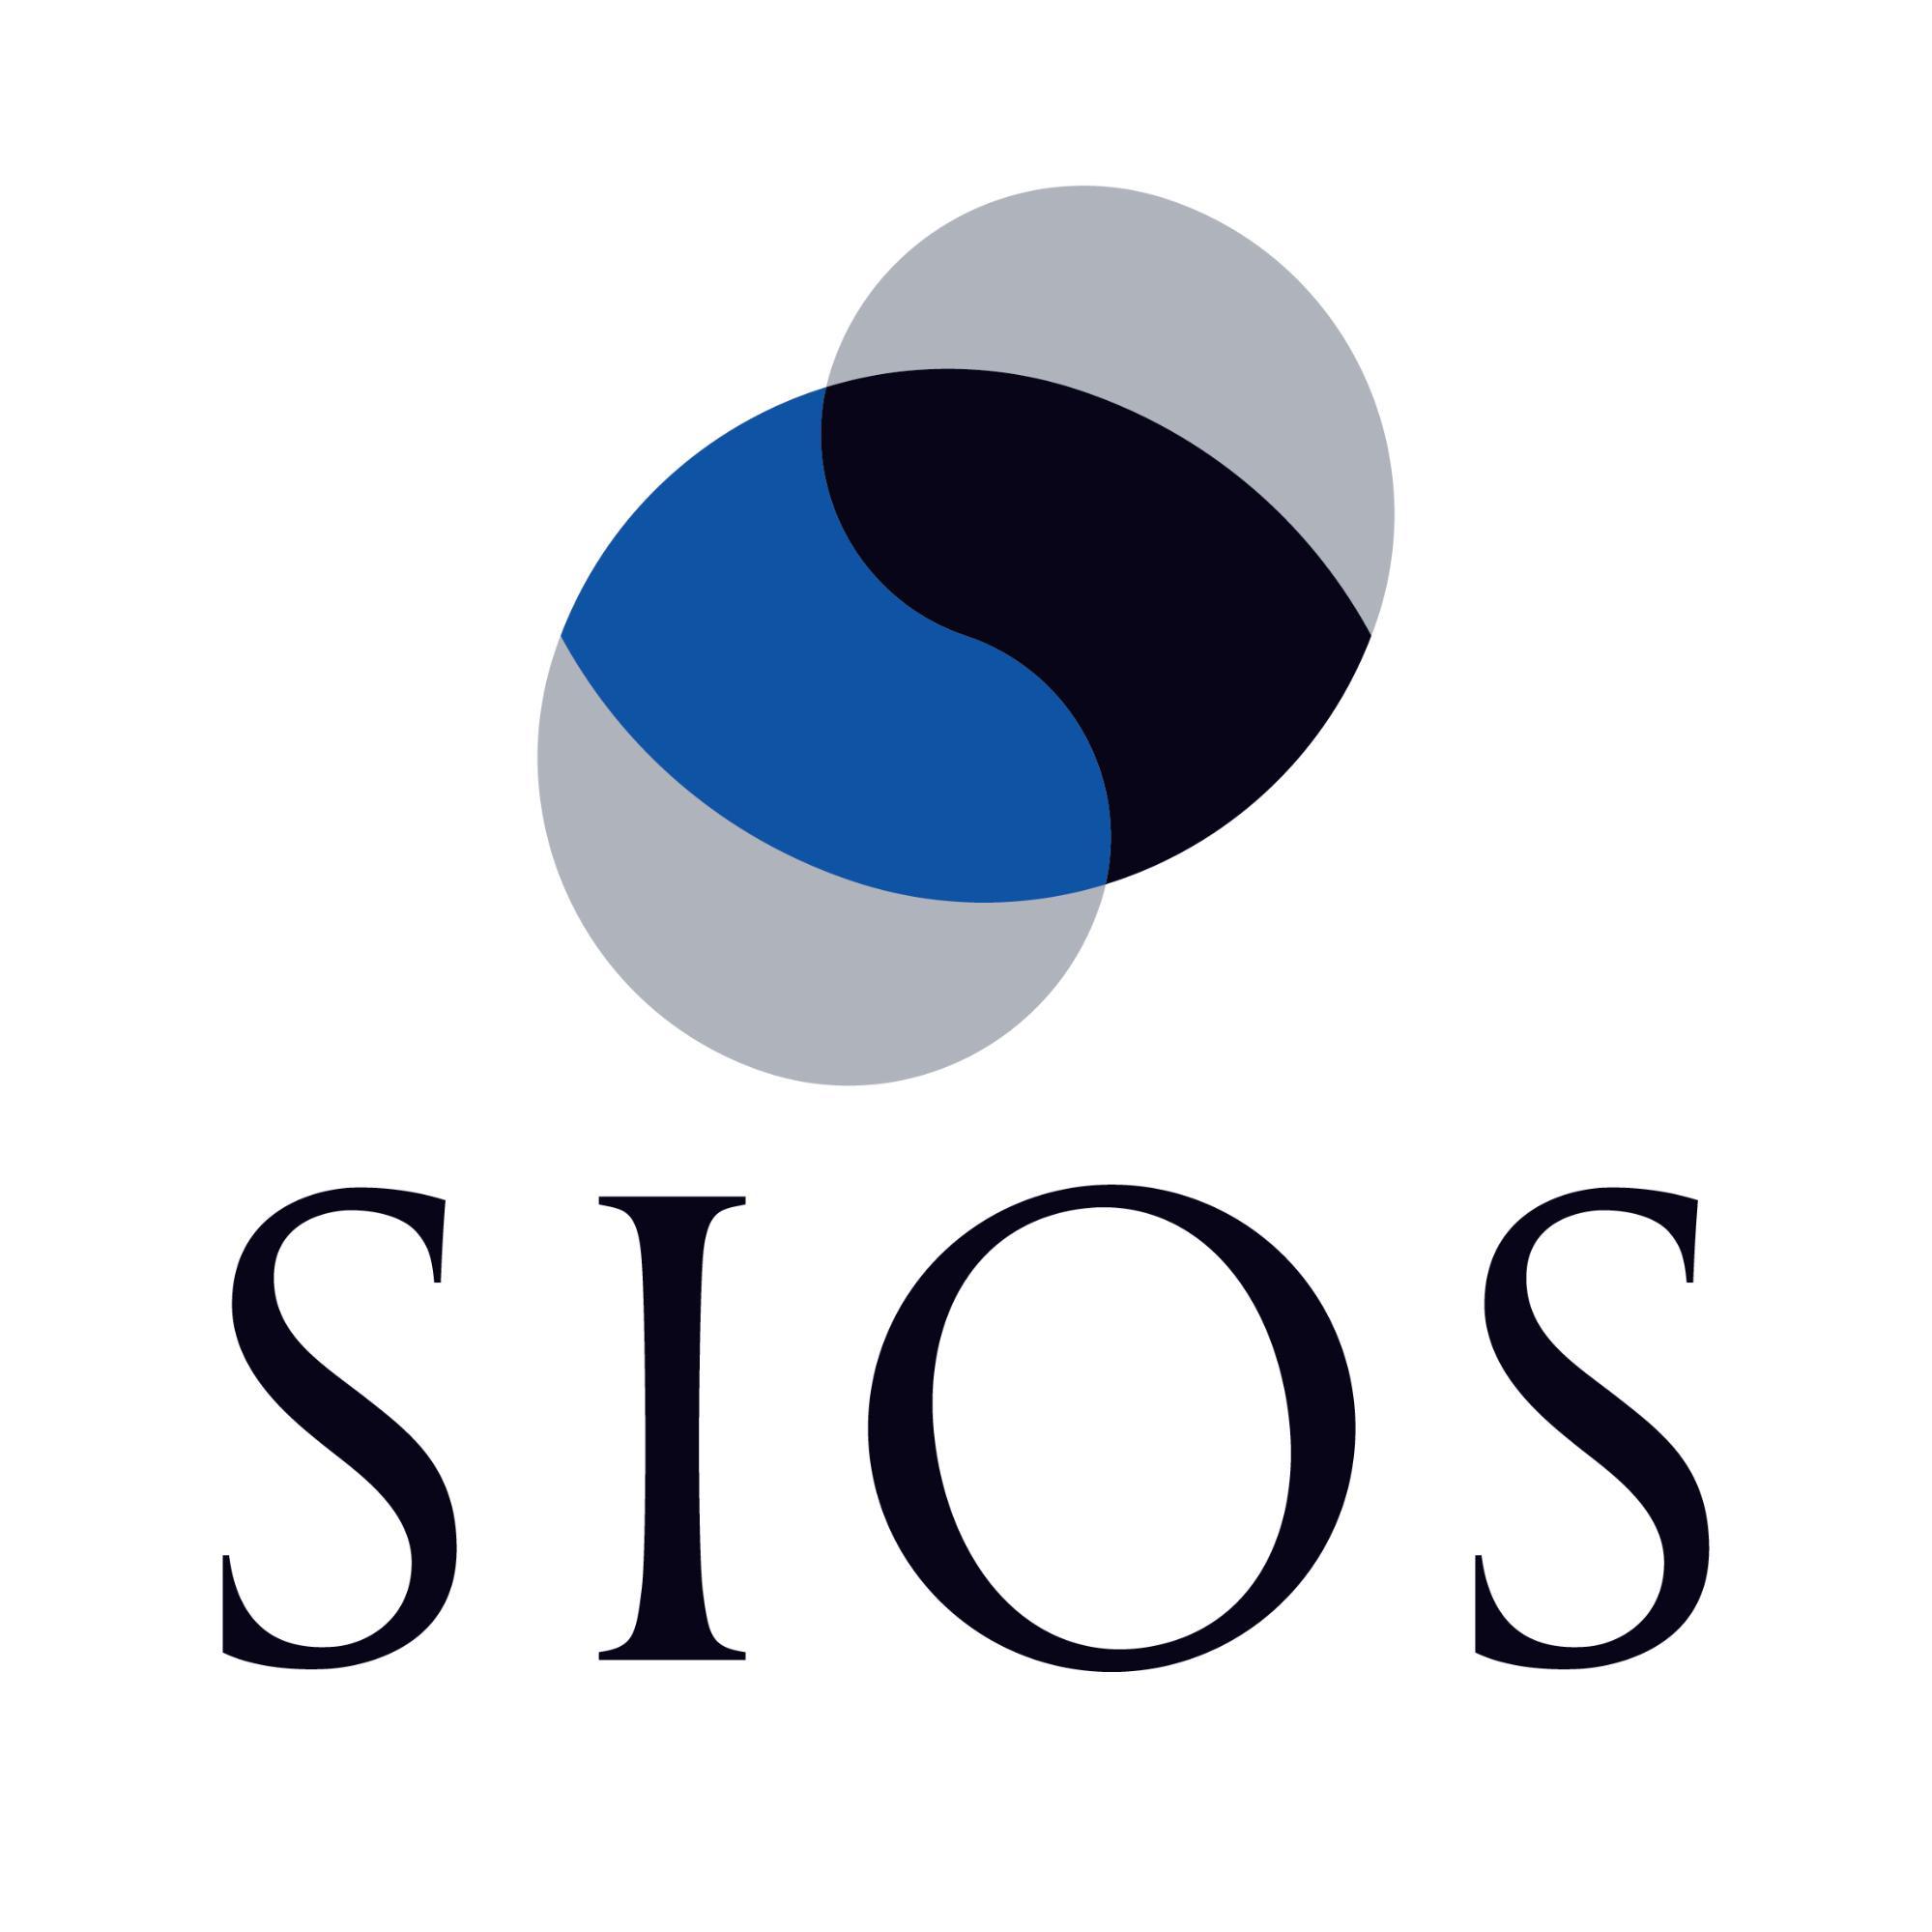 SIOS Technology Inc